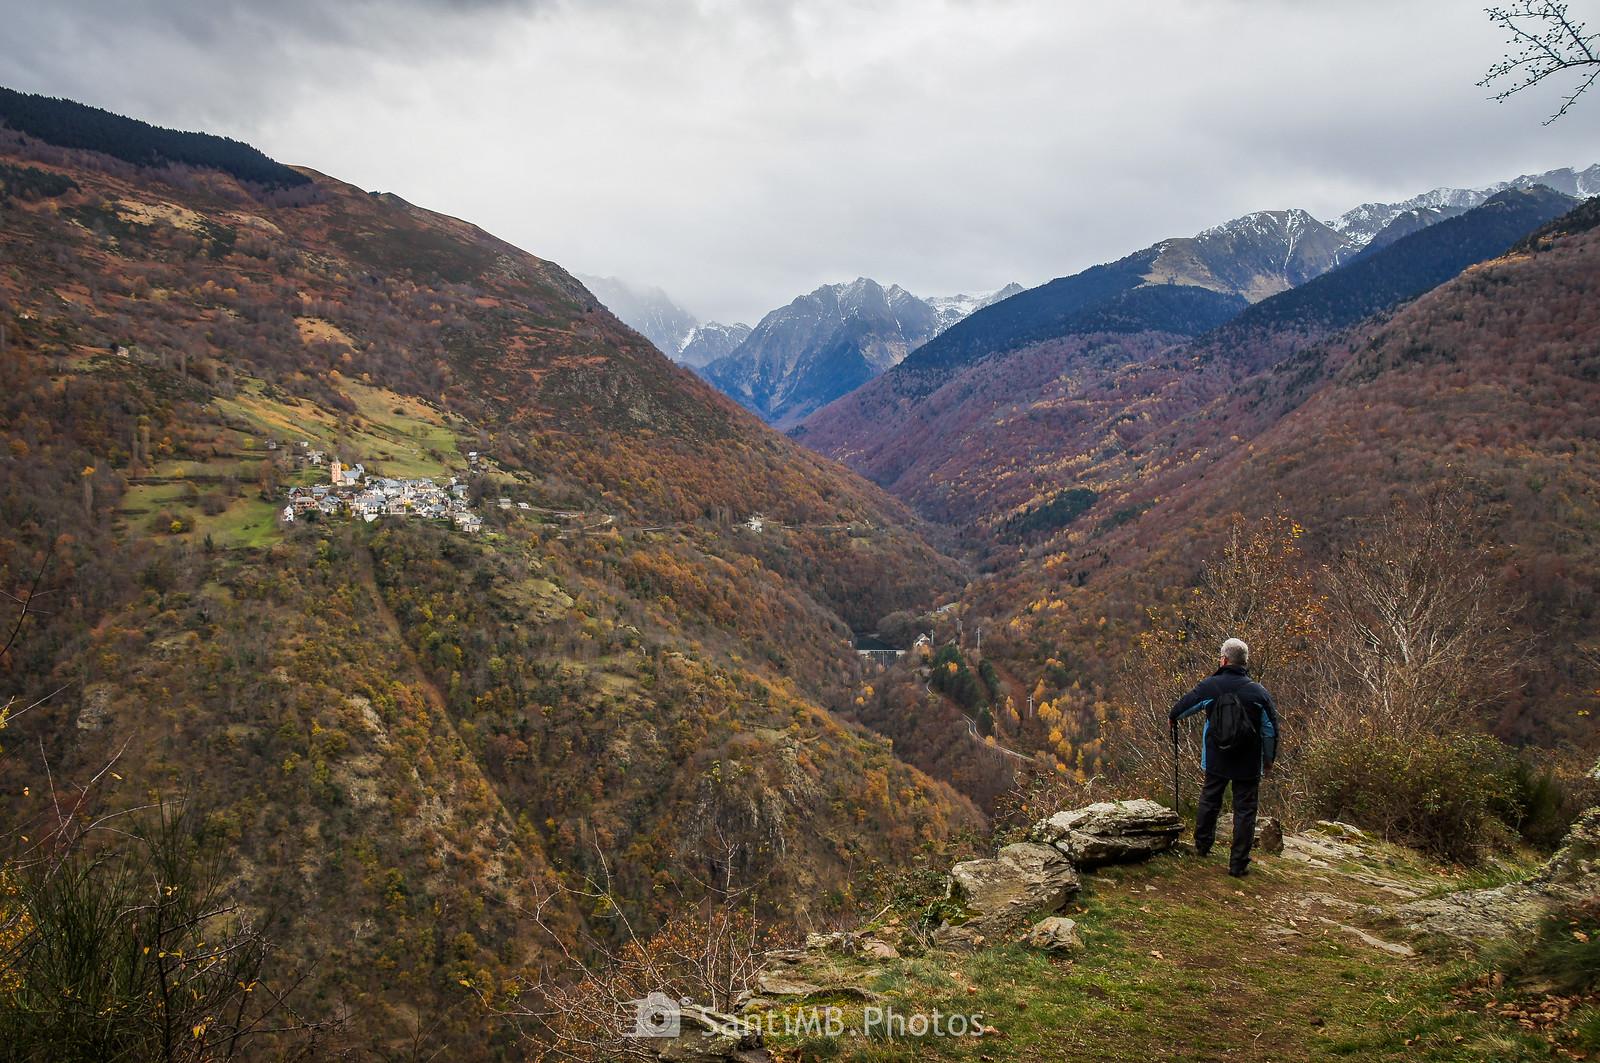 Vista de Canejan y la Vall de Toran desde cerca del Bosc de Carlac en Bausen